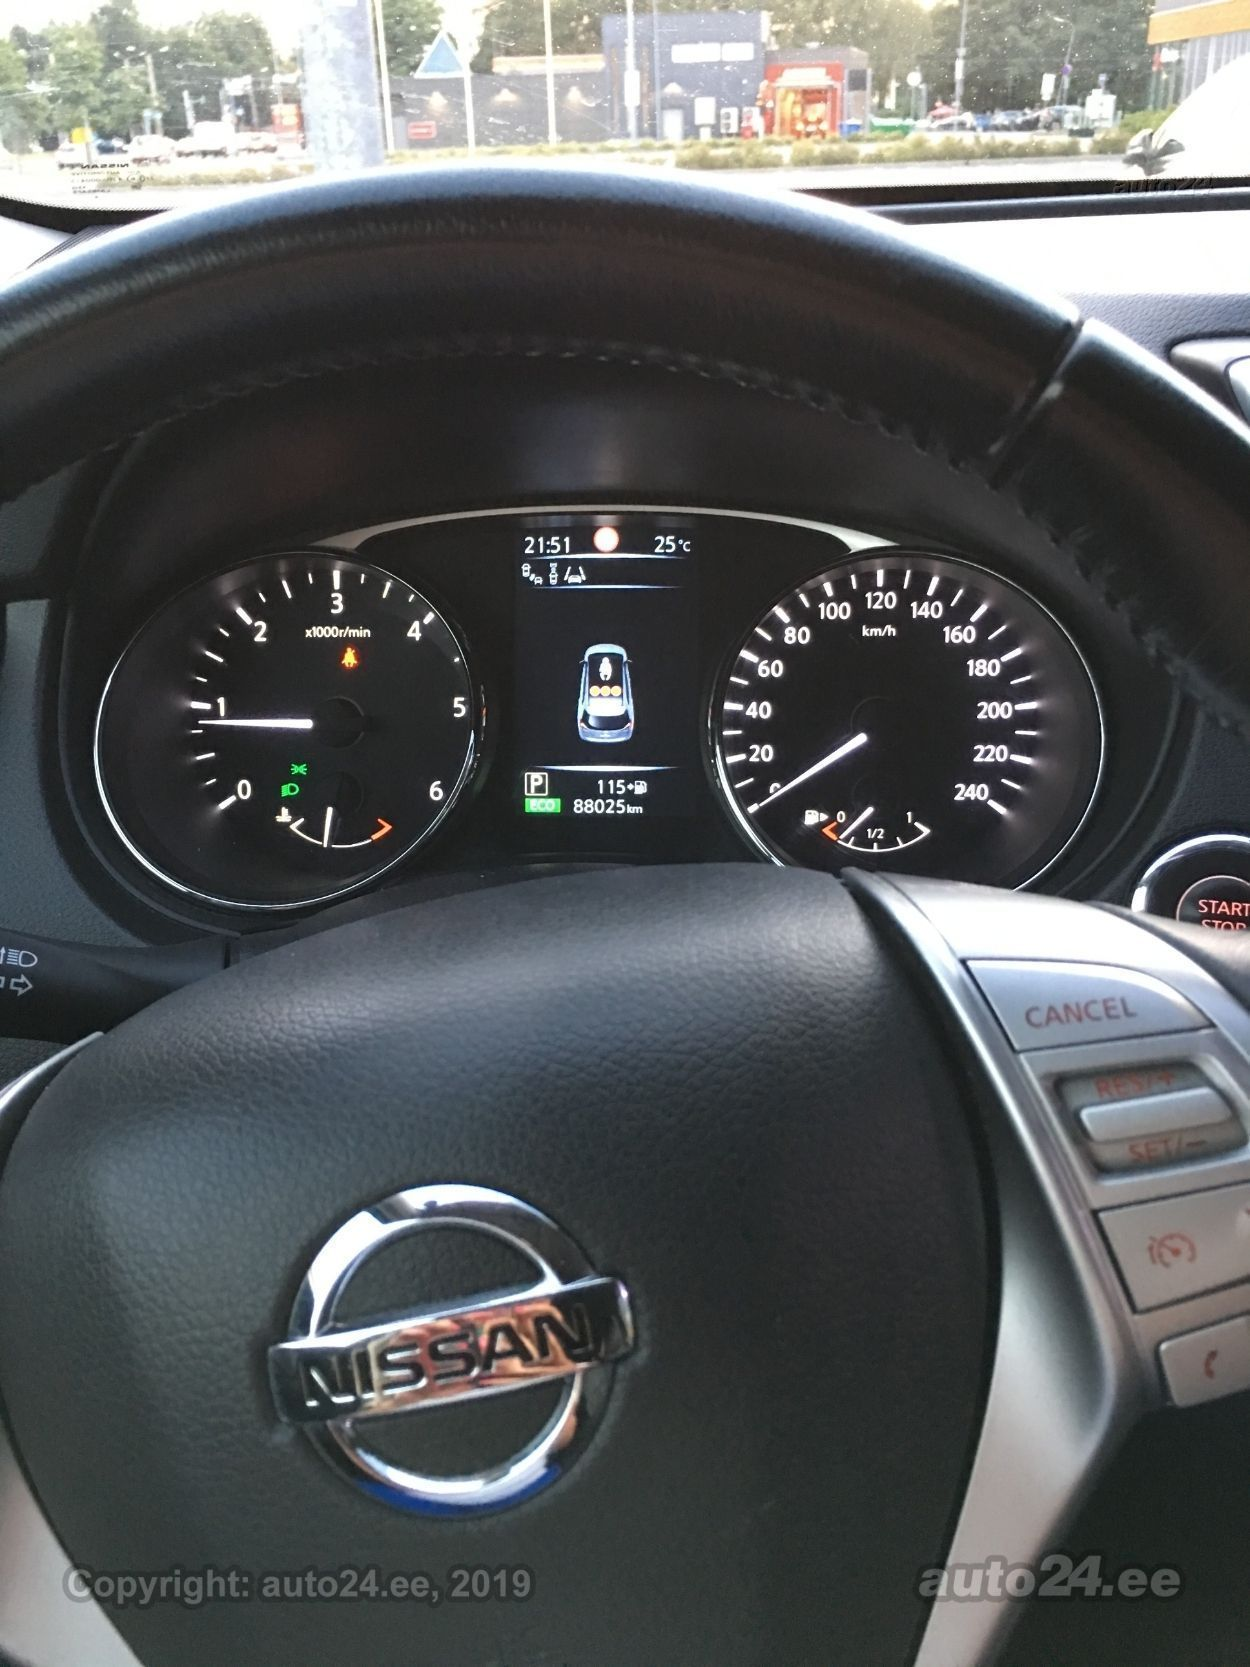 Nissan X-Trail Tekna 1.6 96kW